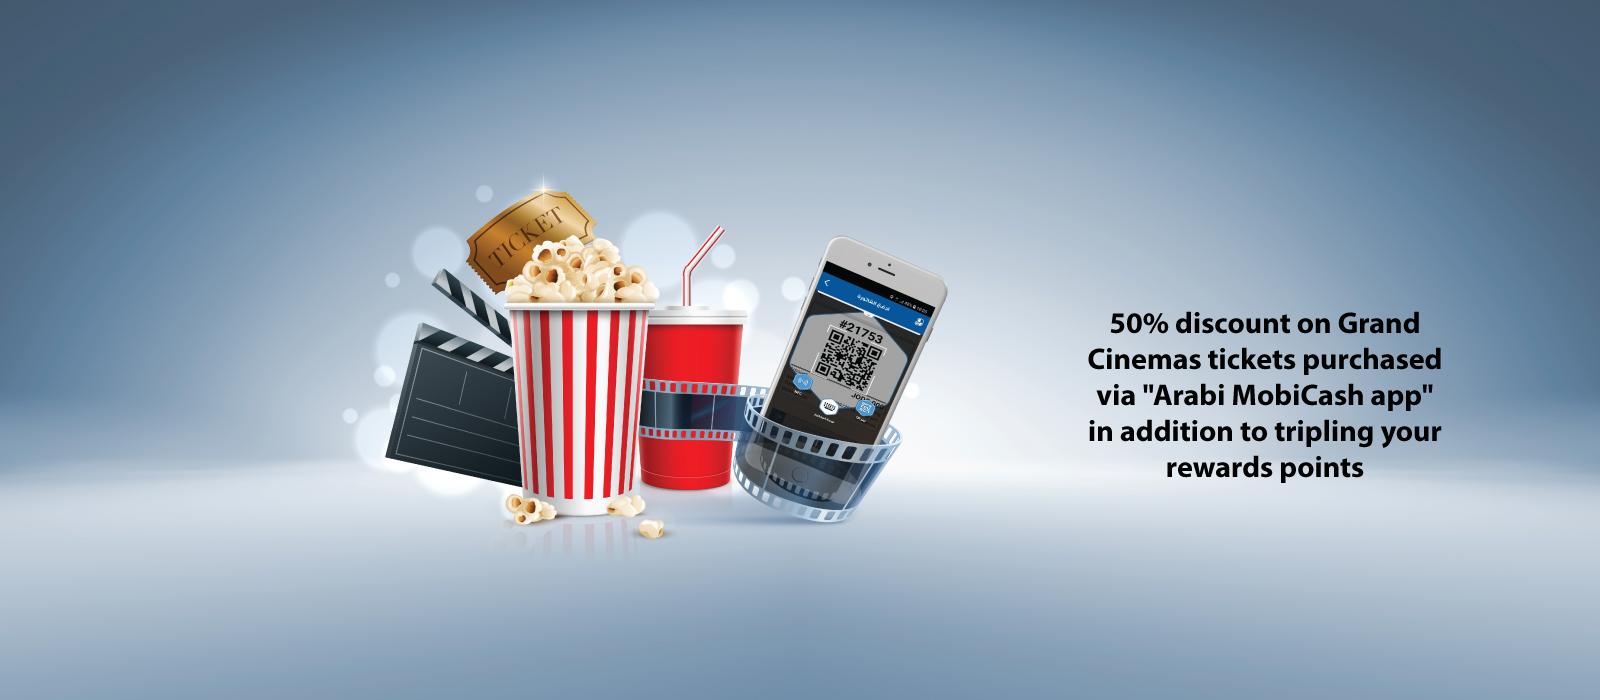 Cinema-New-Website-Banner-1600x700-ENG